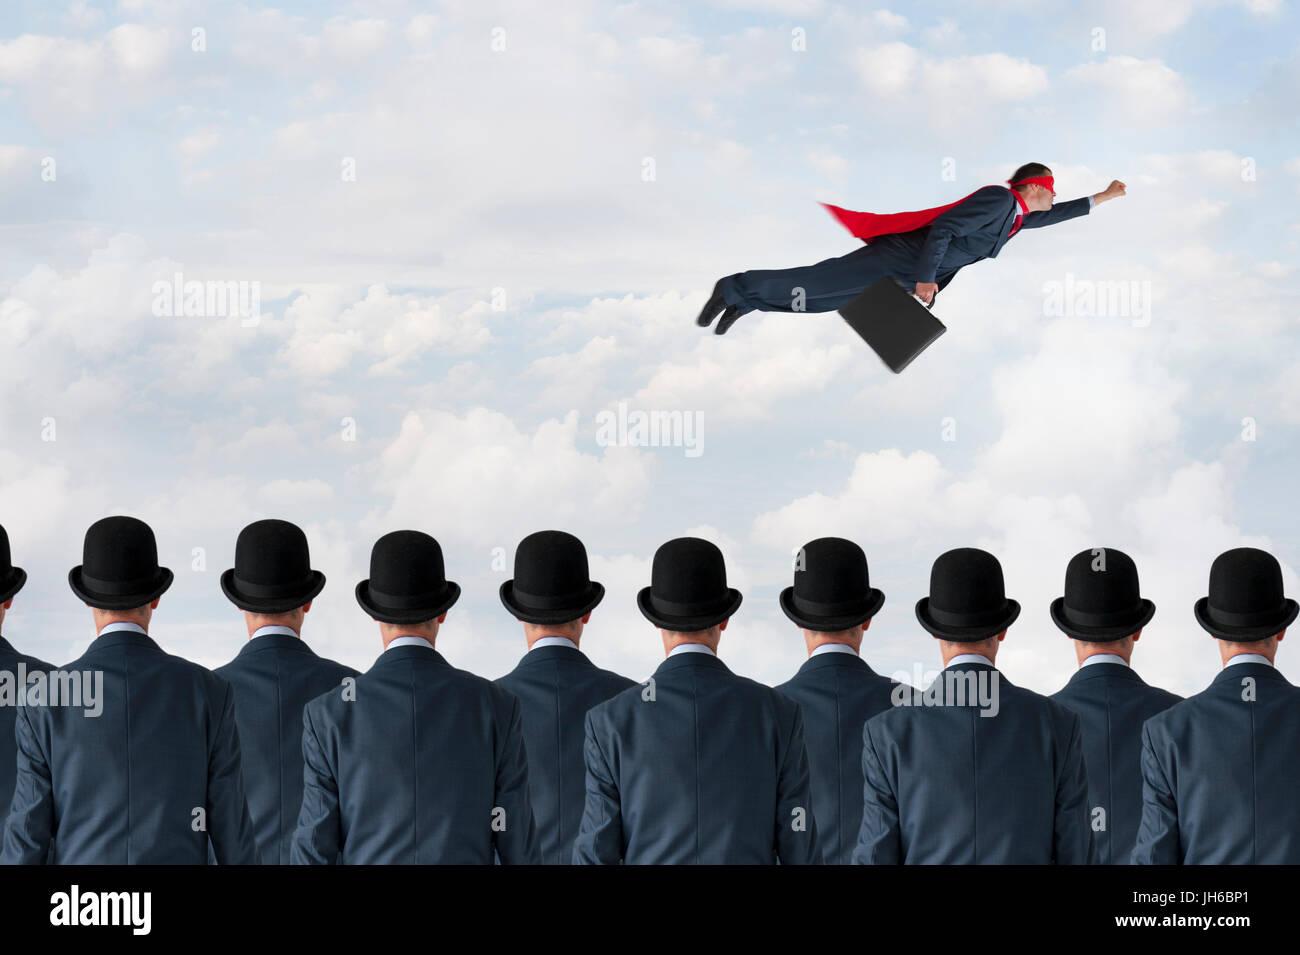 Unternehmen Fortschritte Konzept Superhelden Geschäftsmann vorbeifliegen statische Wettbewerb Stockbild